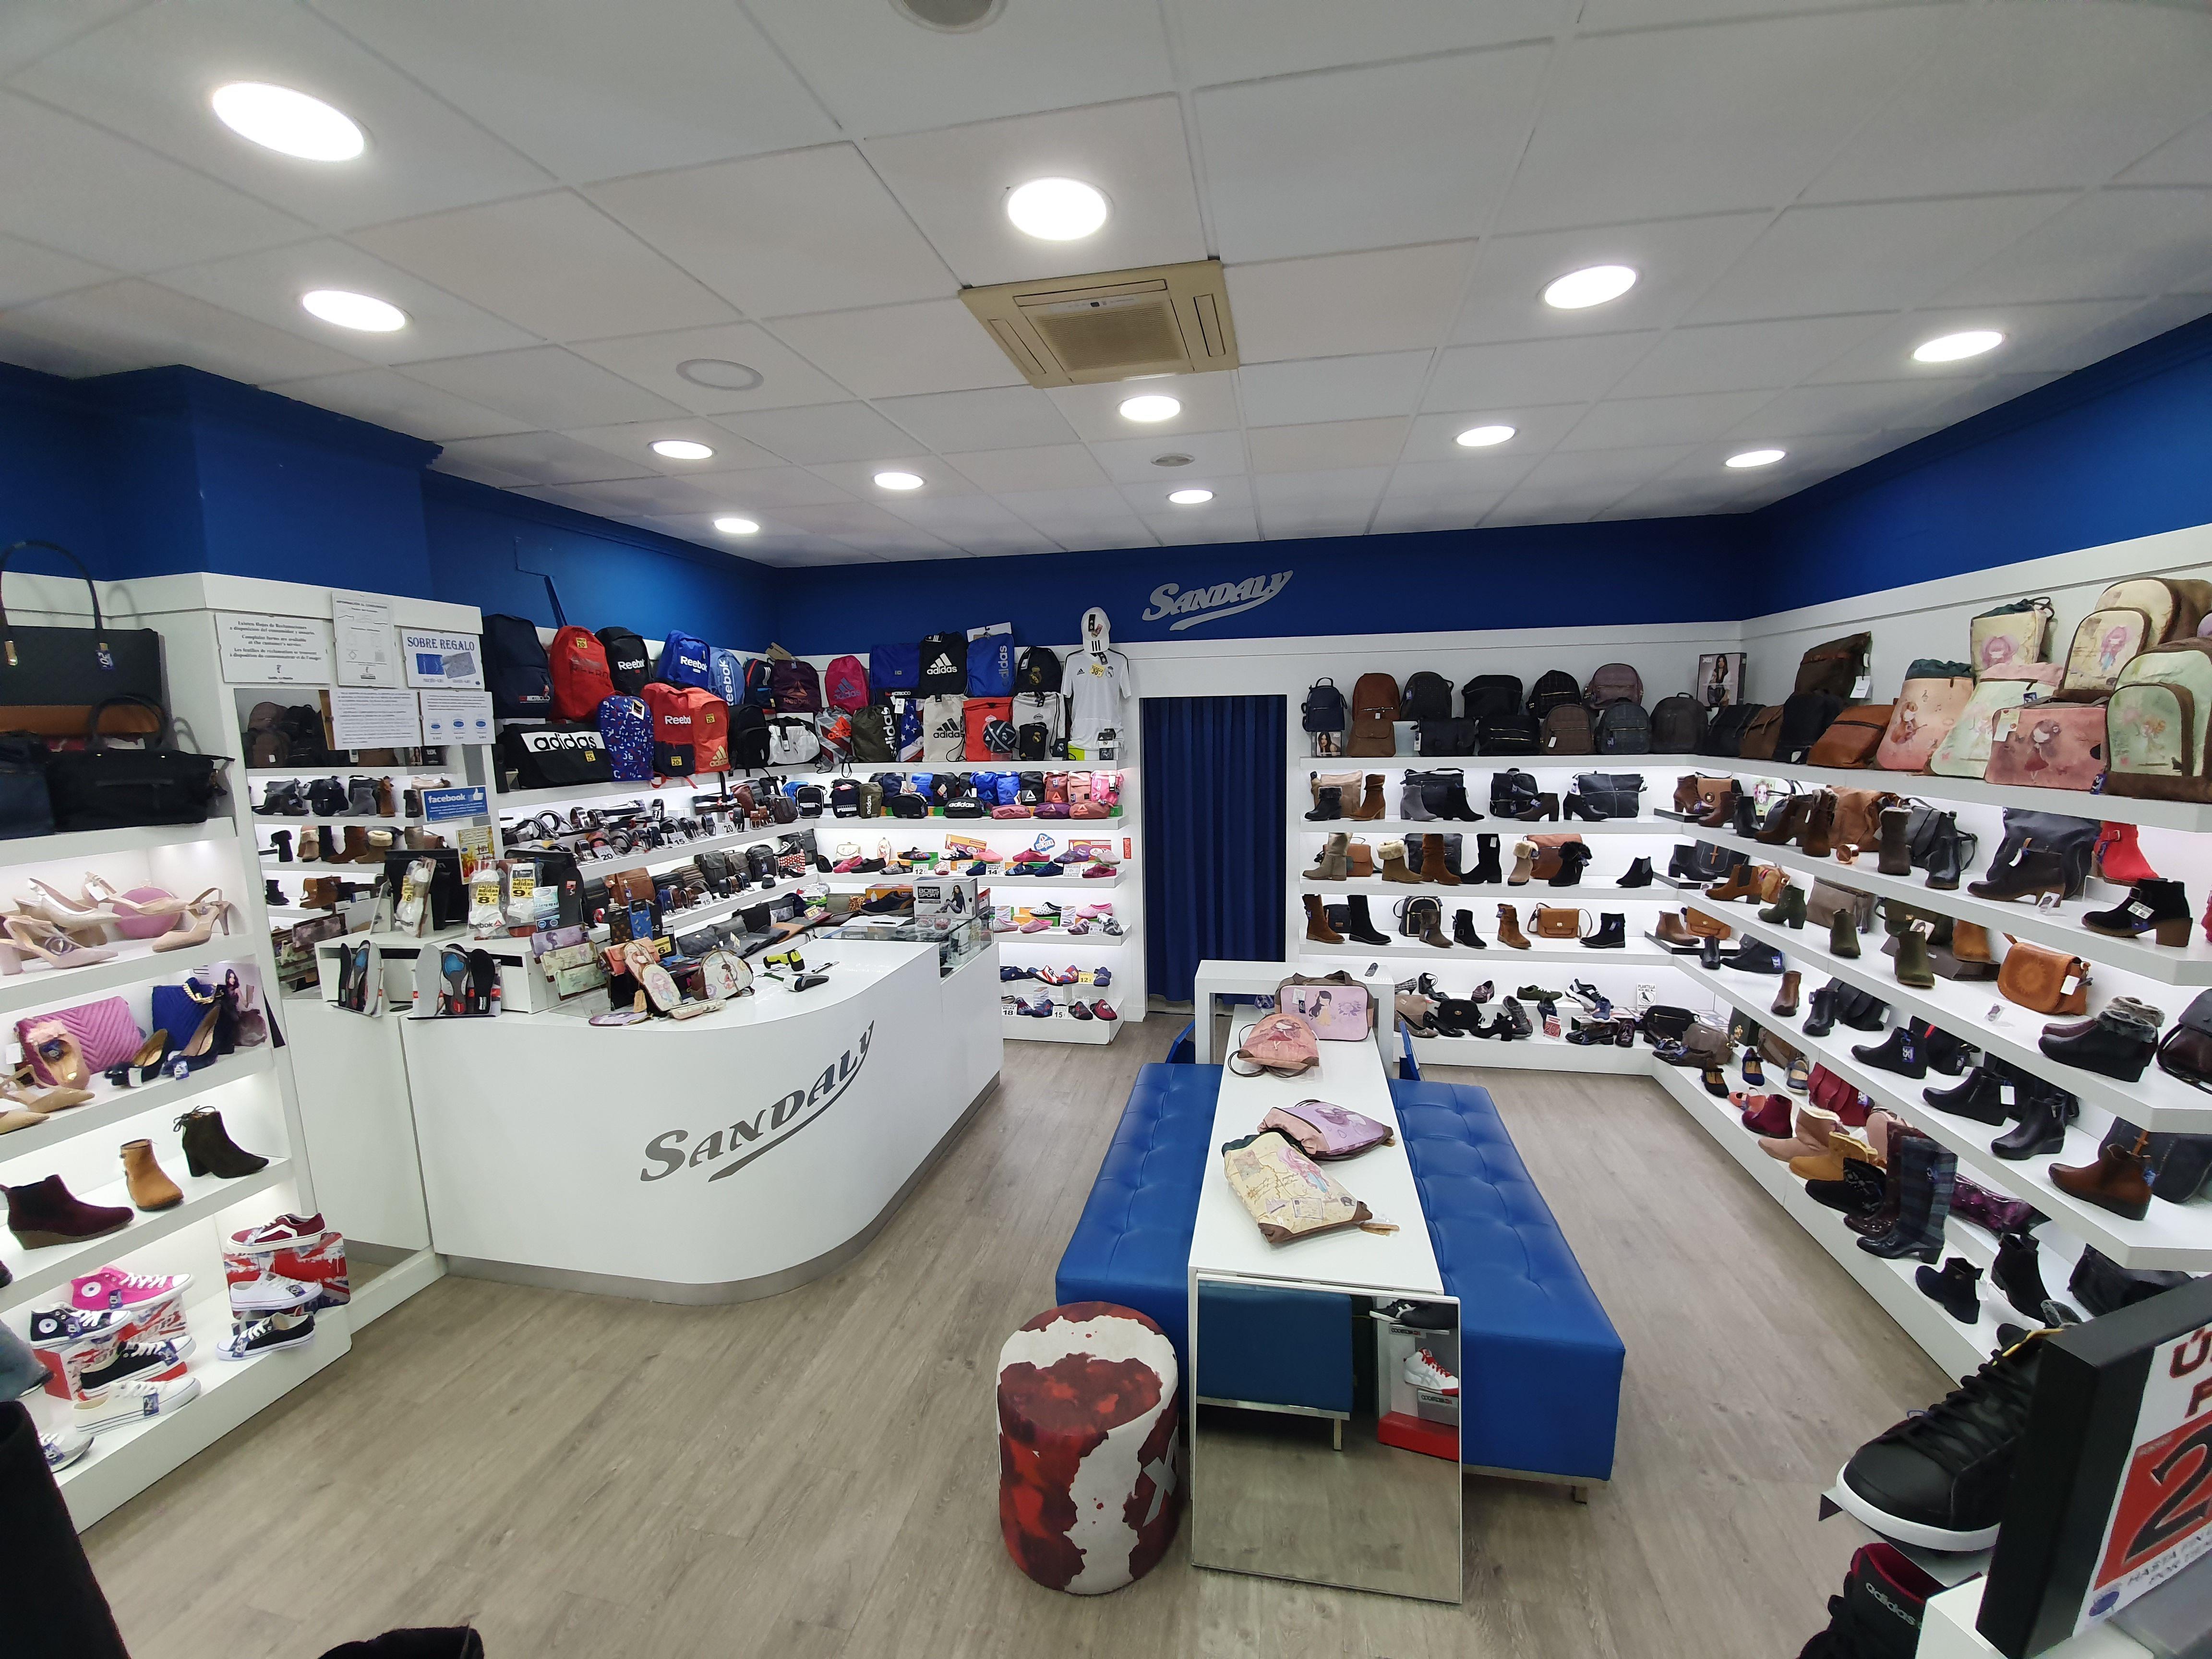 Tienda de zapatos en Albacete